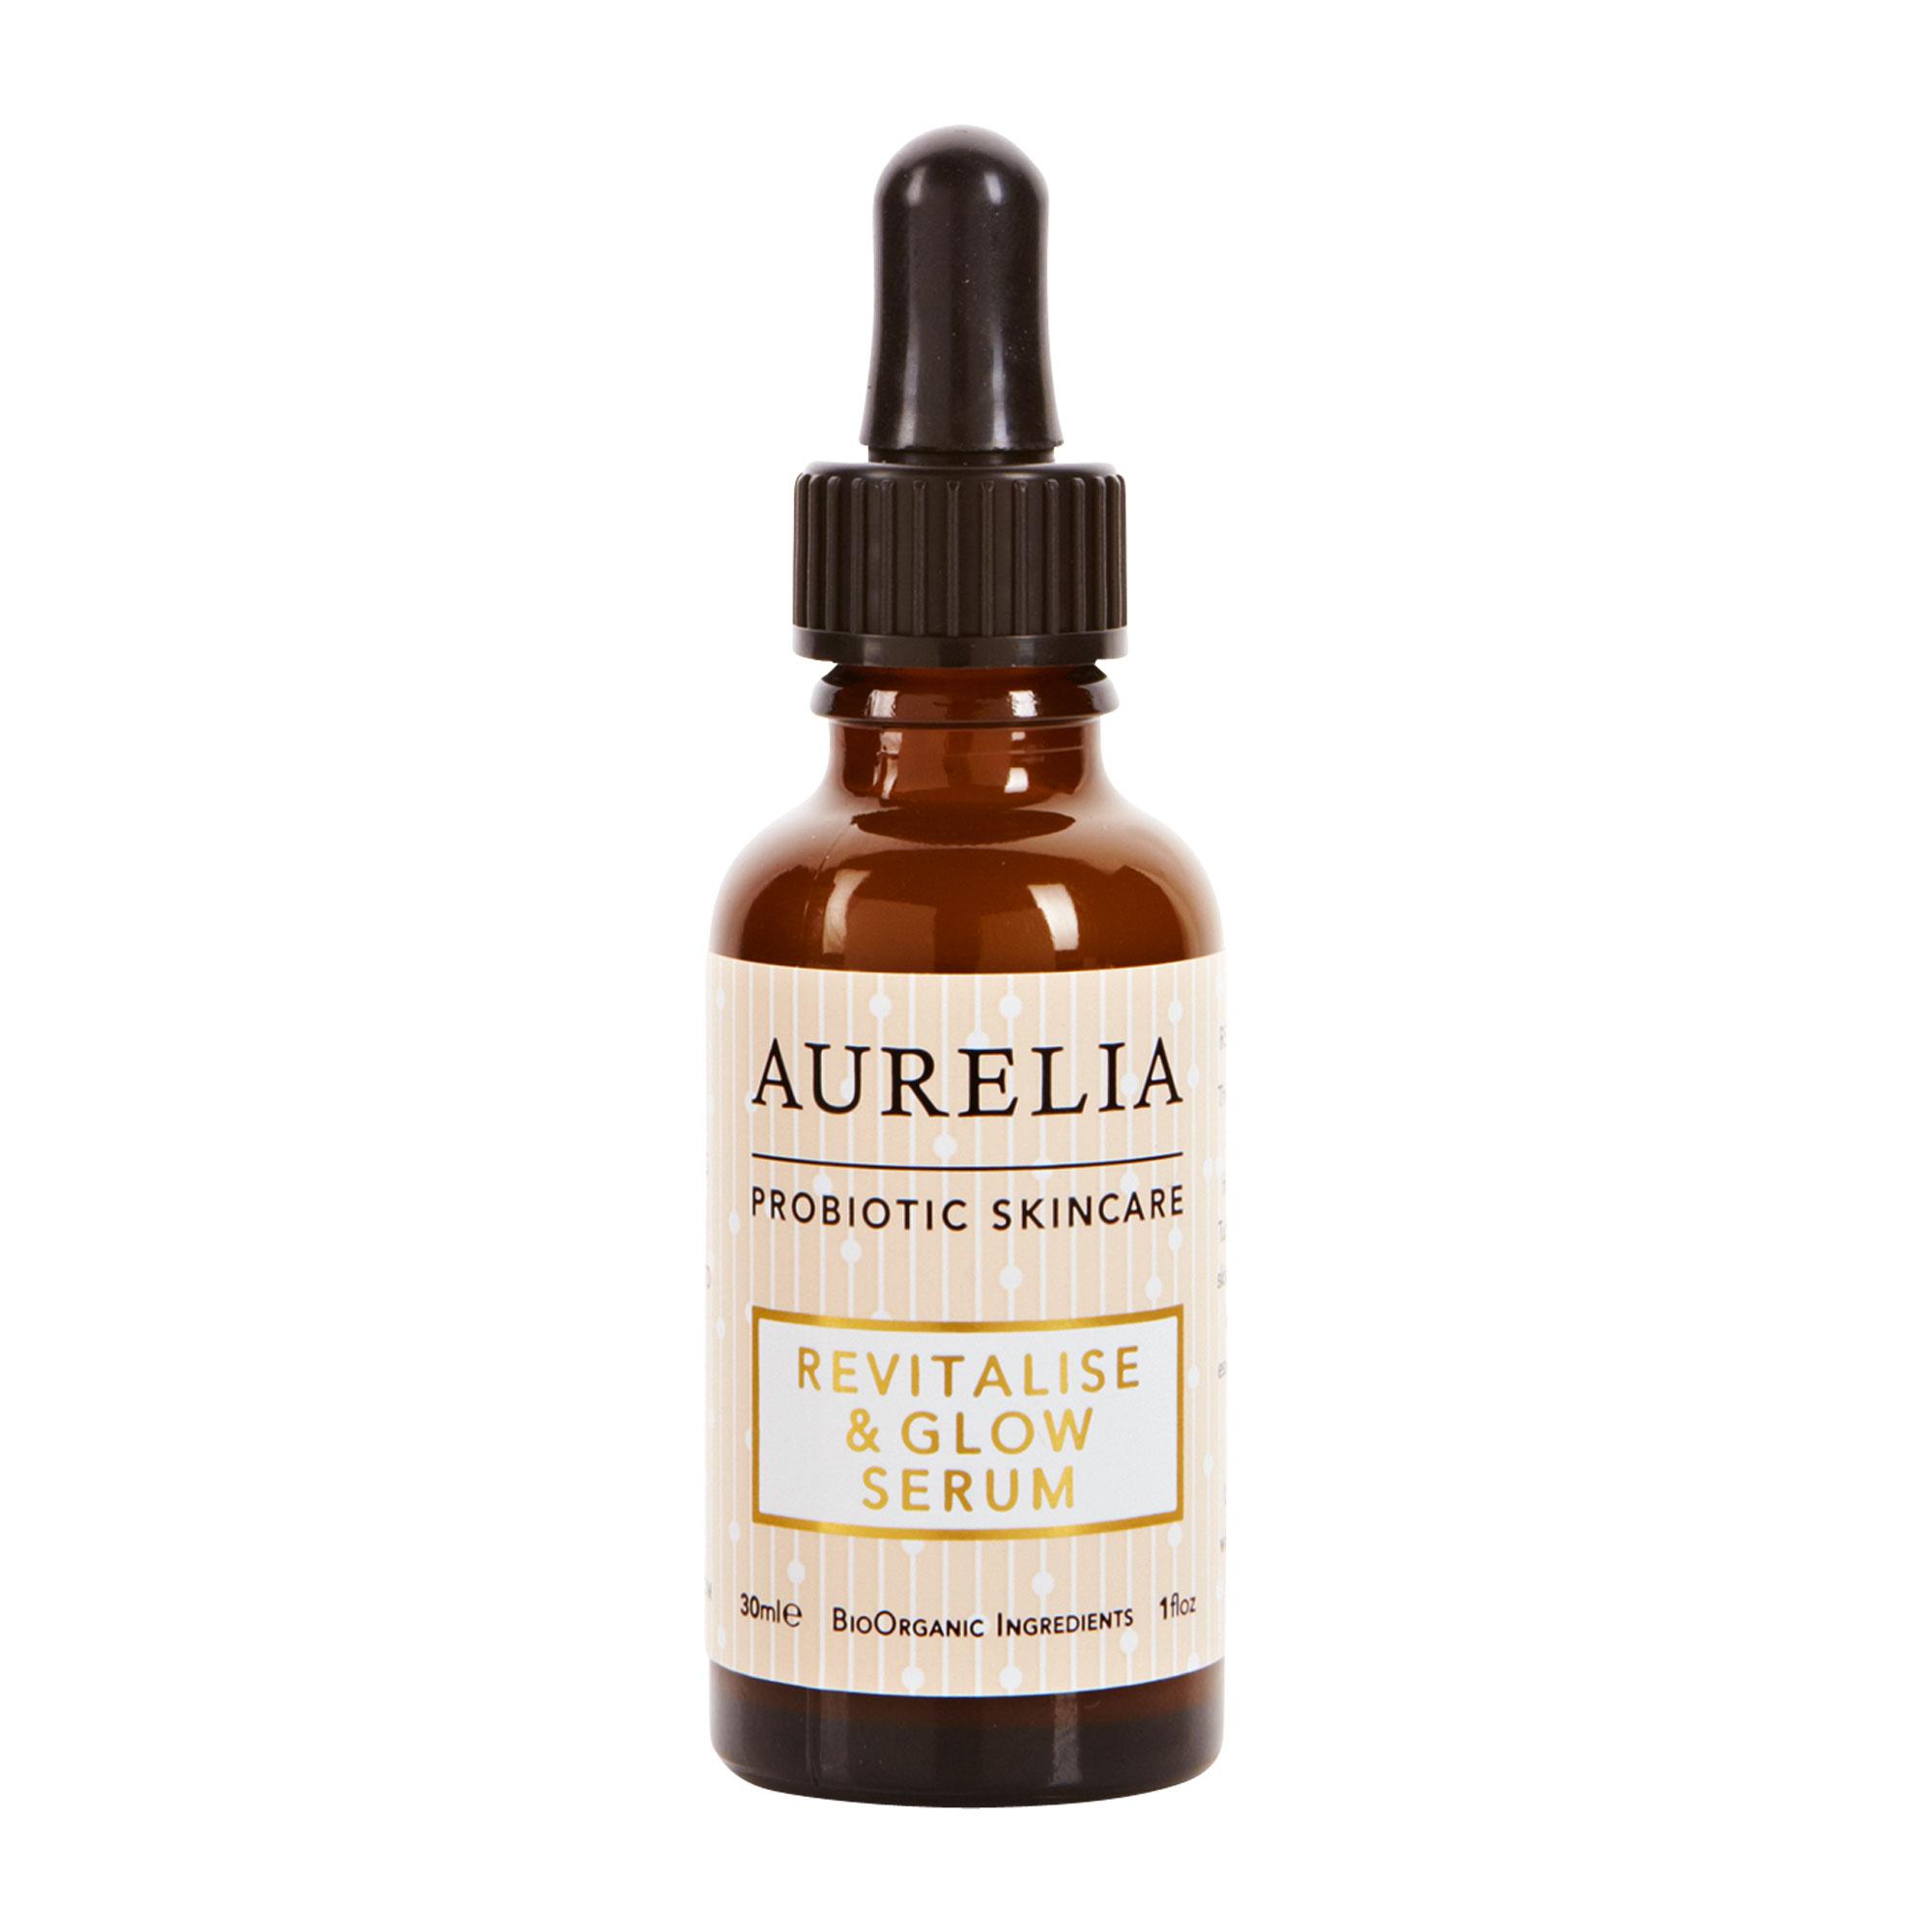 Aurelia Revitalise & Glow Serum, 30 ml